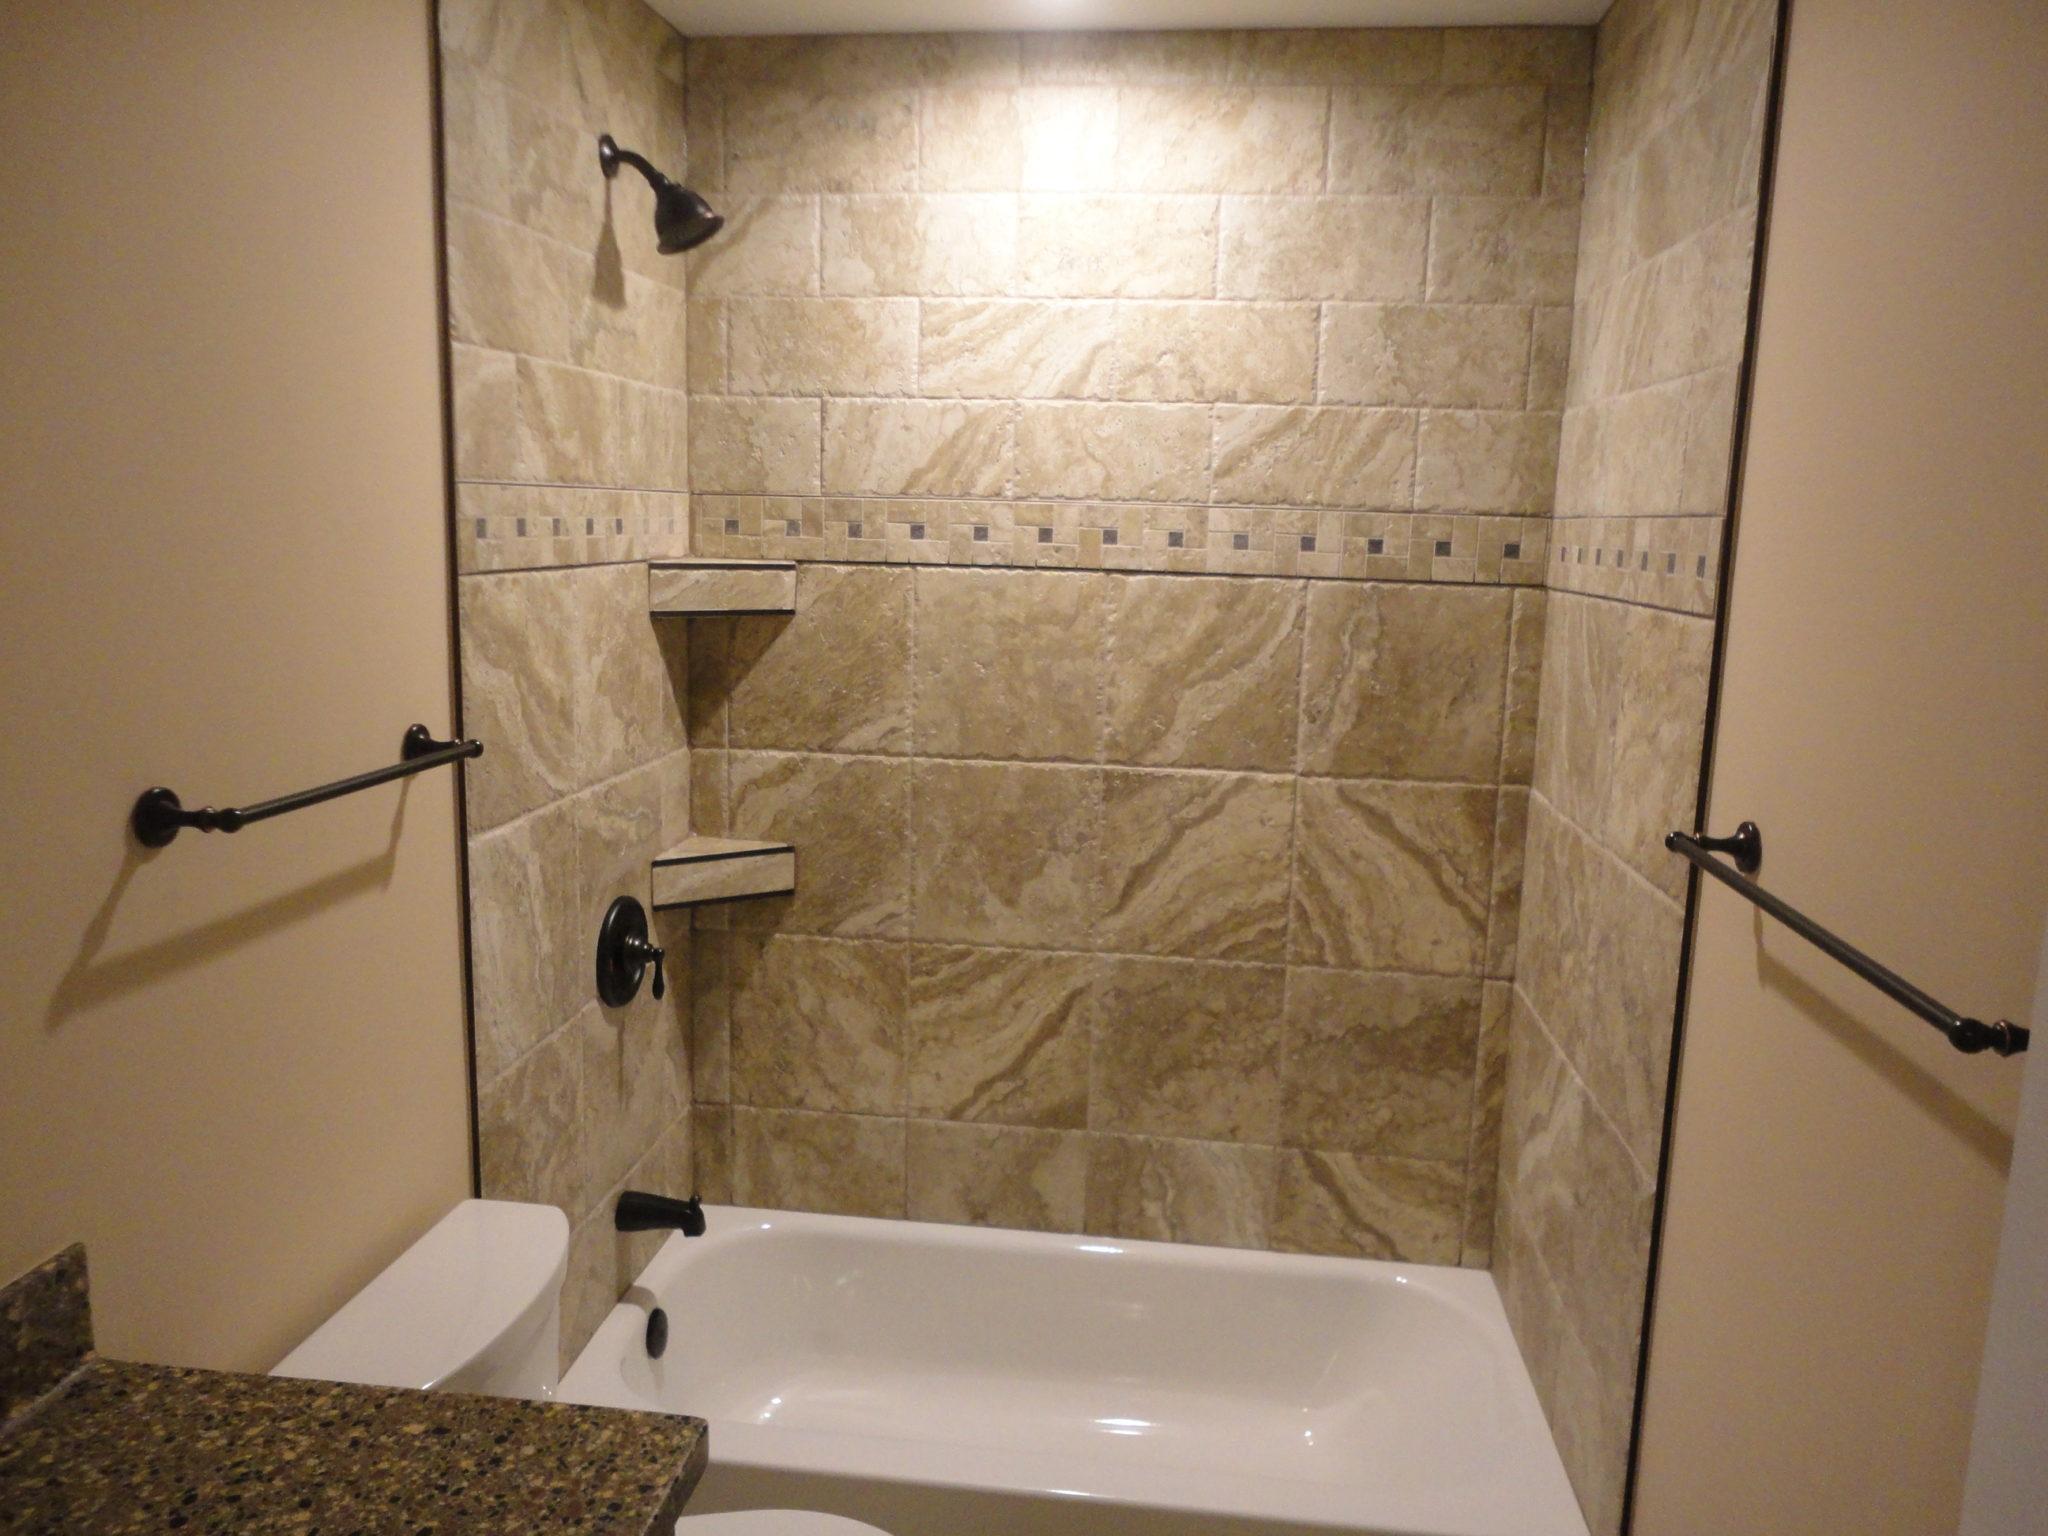 home bathroom tile ideas photo - 6